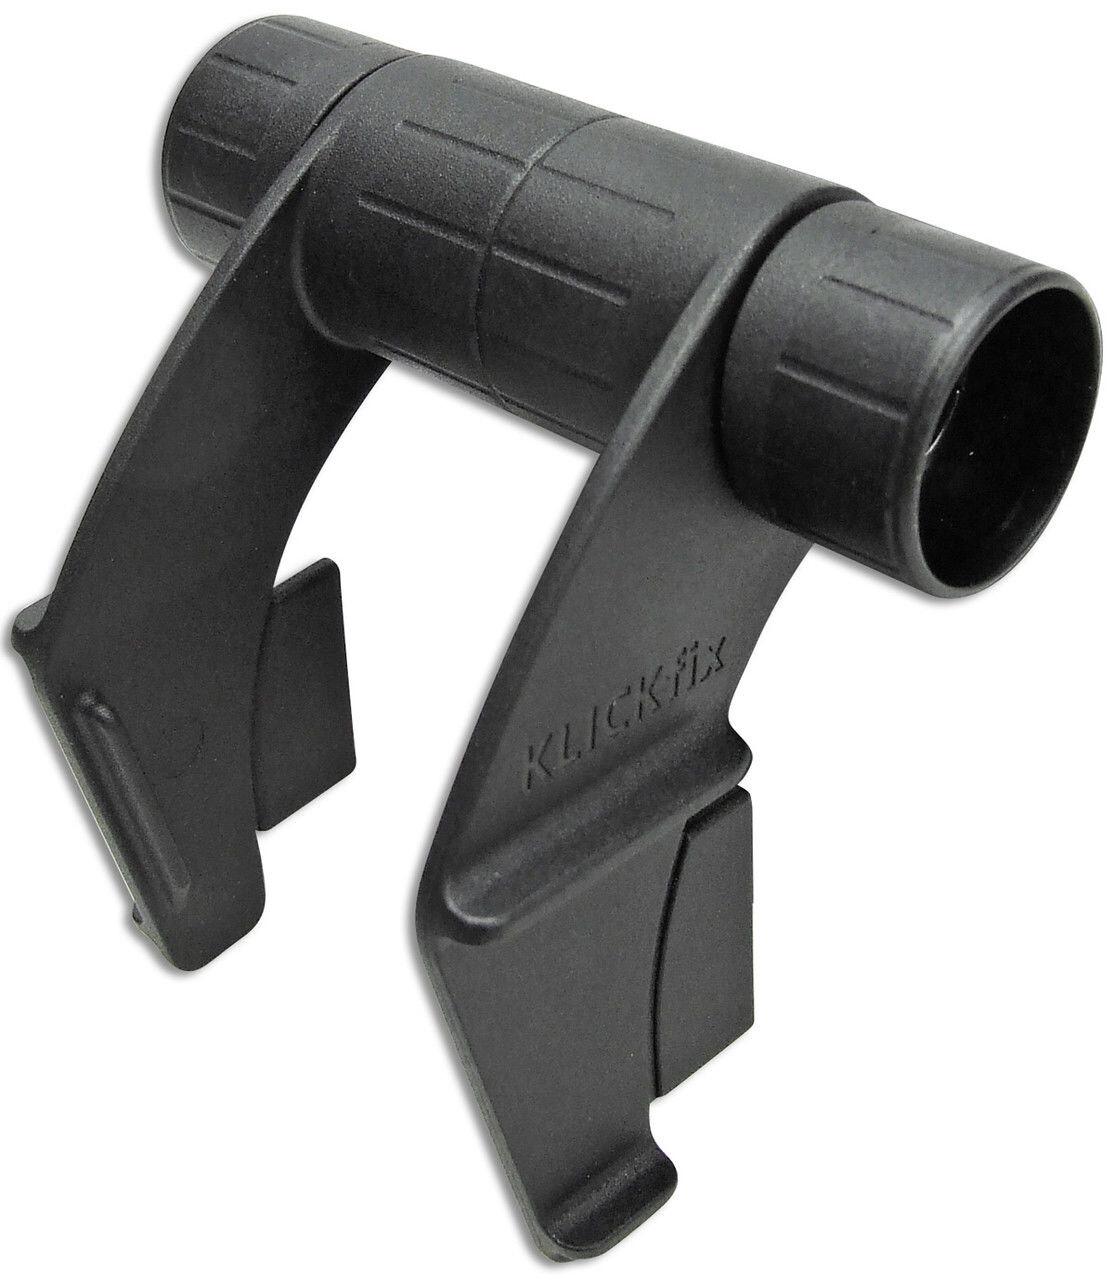 KlickFix Multiclip til E-Bikes, black (2019)   Tasker > Tilbehør